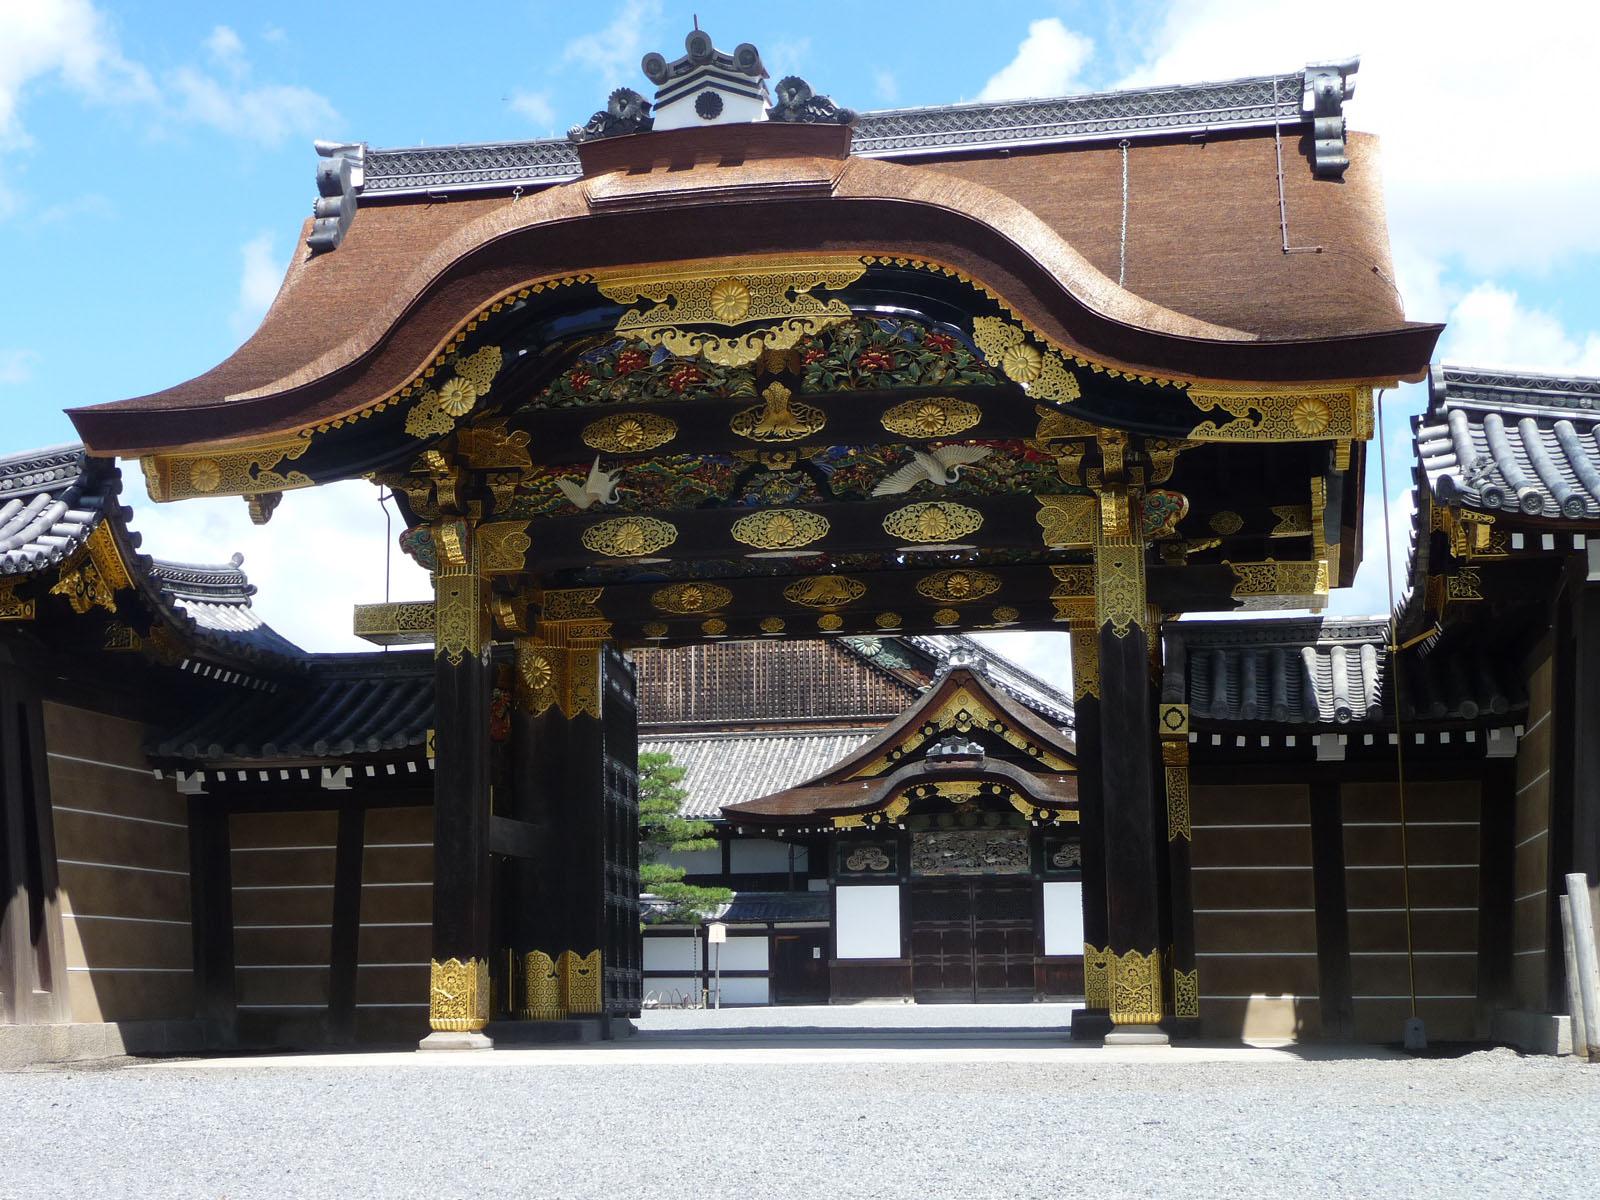 京都市元離宮二条城様 二之丸御殿唐門保存修理工事